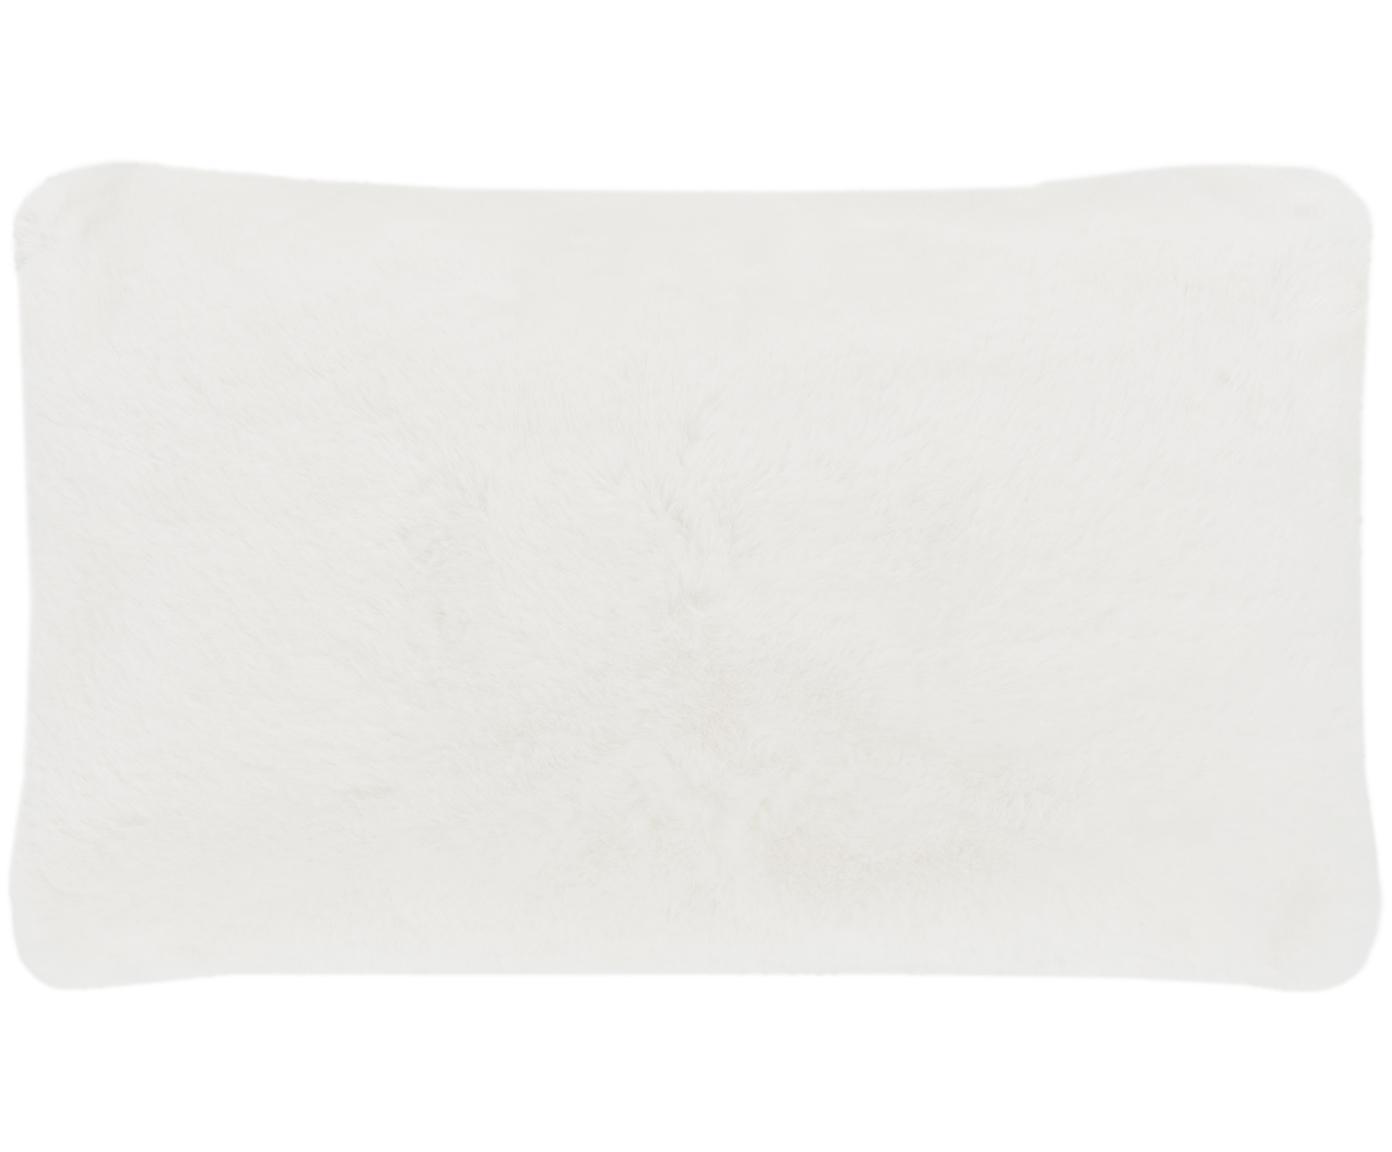 Poszewka na poduszkę ze sztucznego futra Mette, gładka, Kremowy, S 30 x D 50 cm